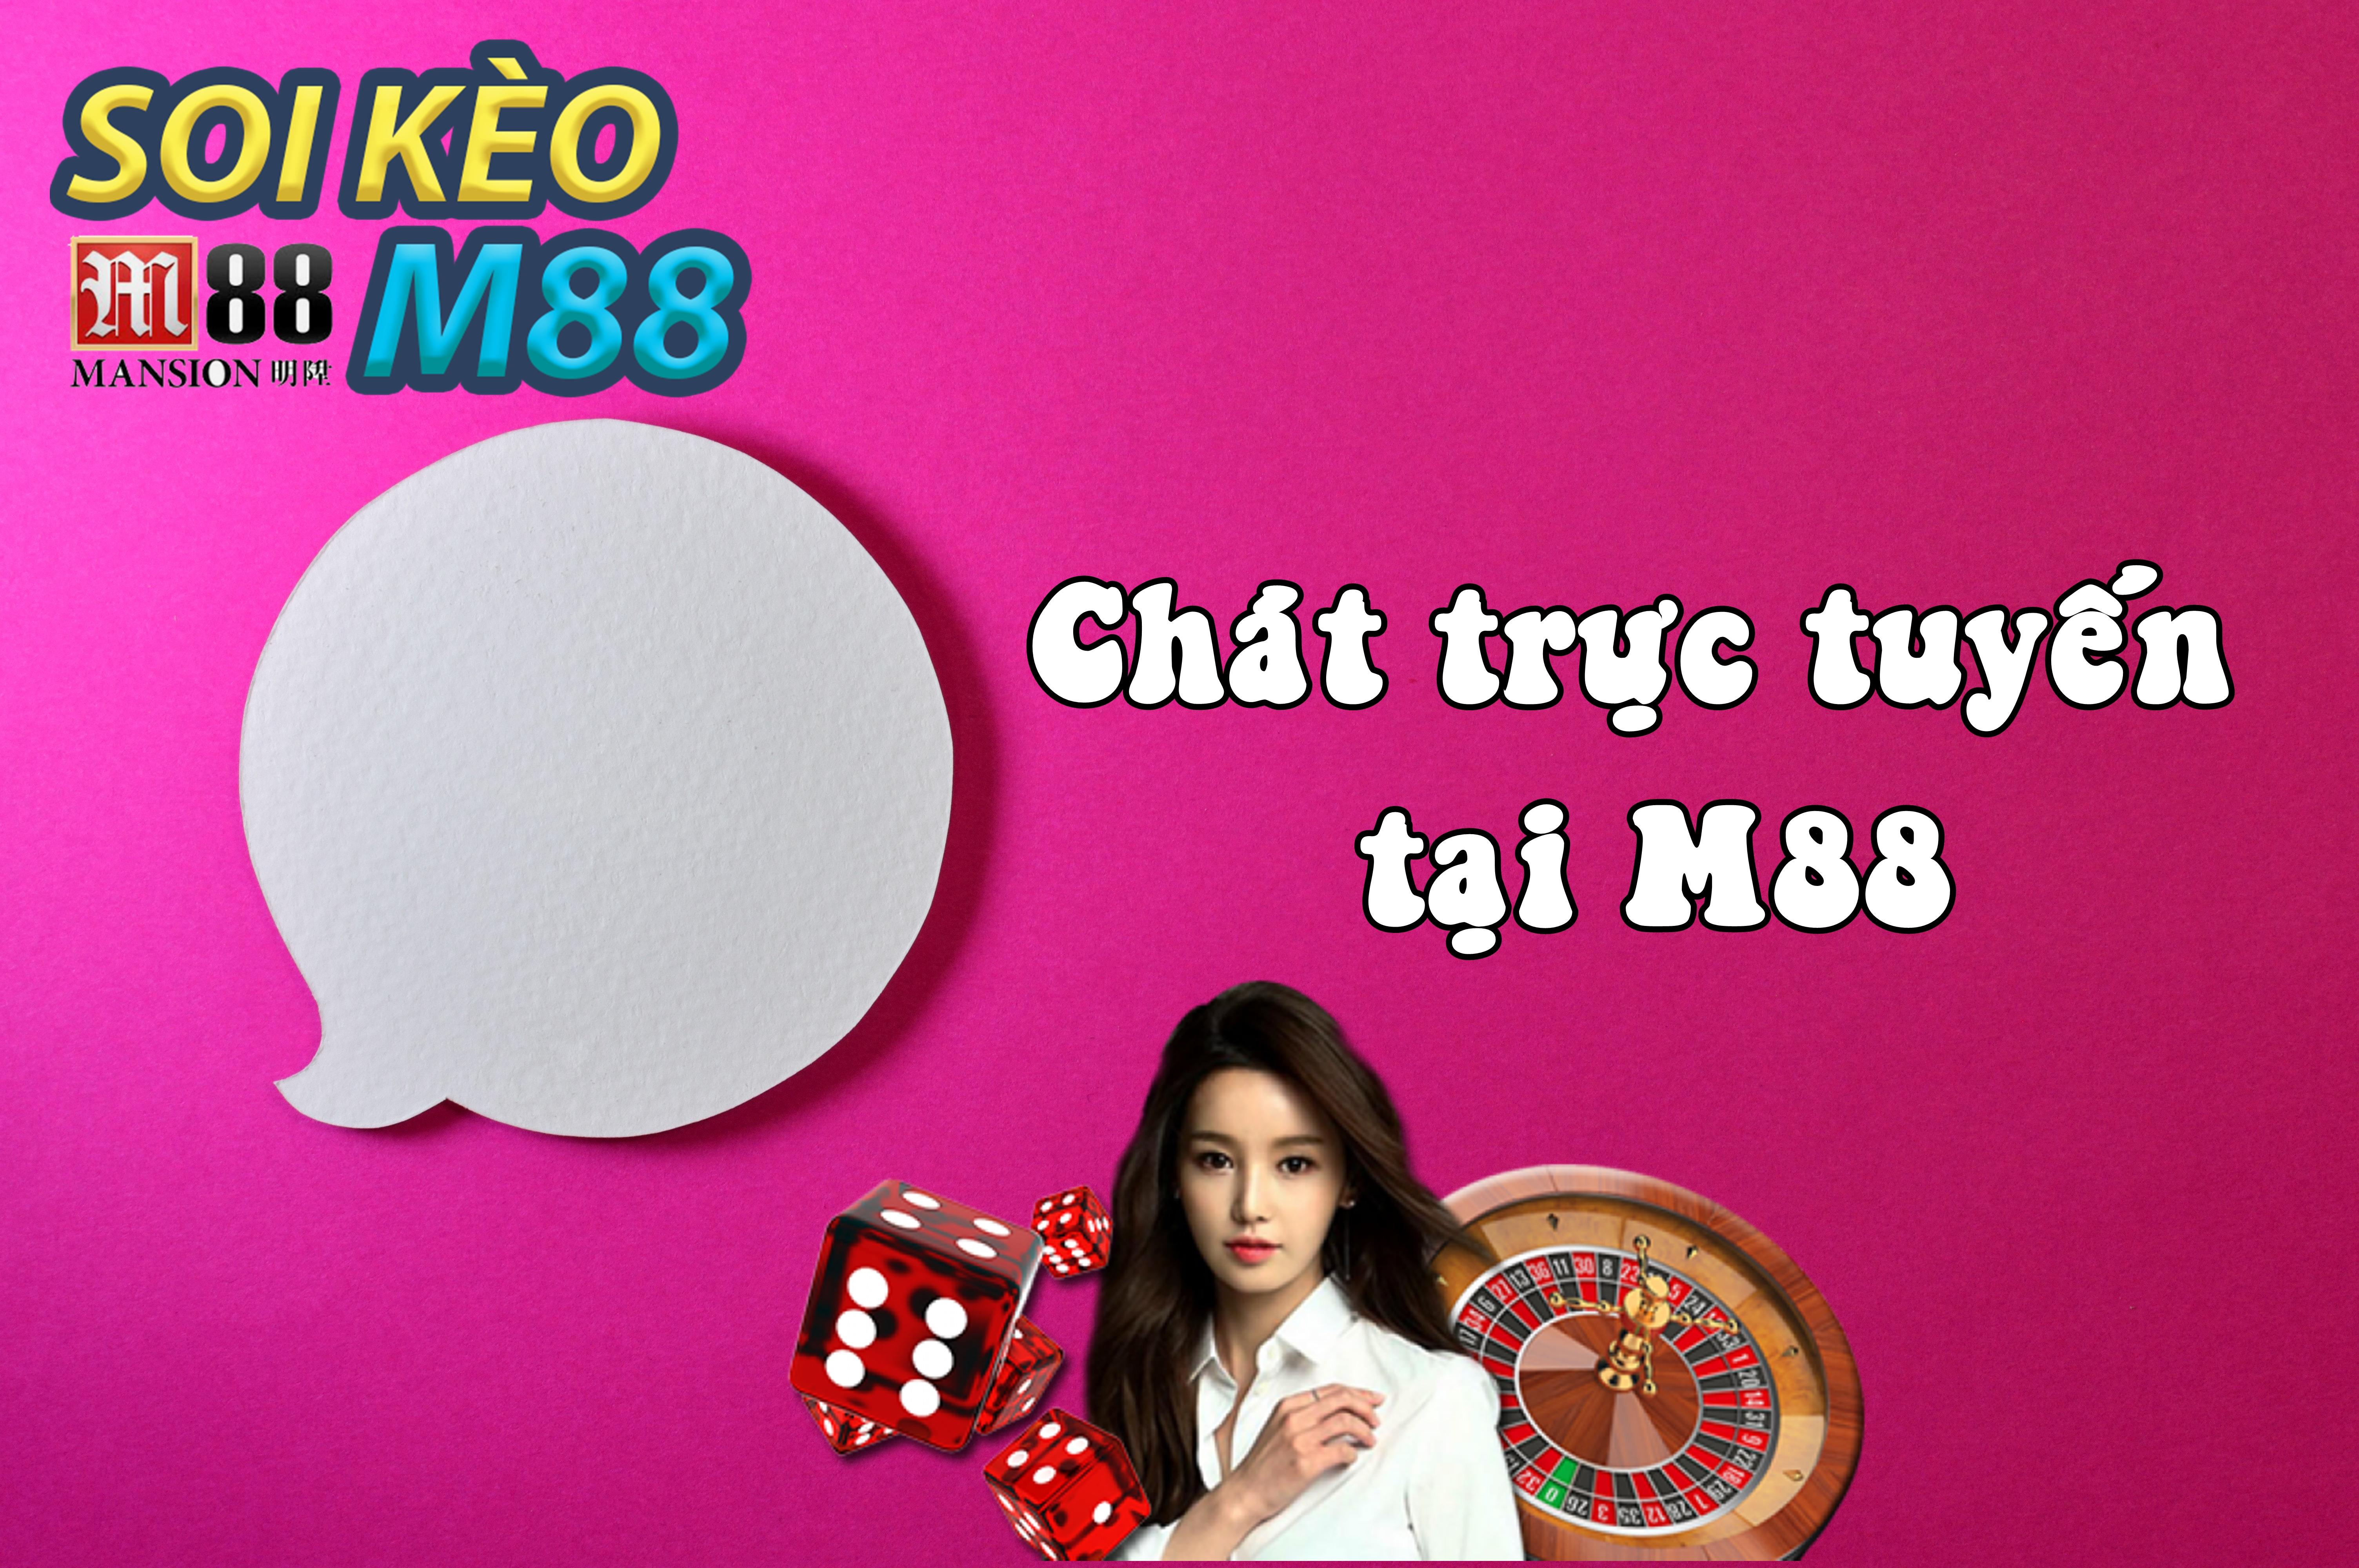 Chat trực tuyến trên M88 - nhận hỗ trợ trực tiếp từ M88 1